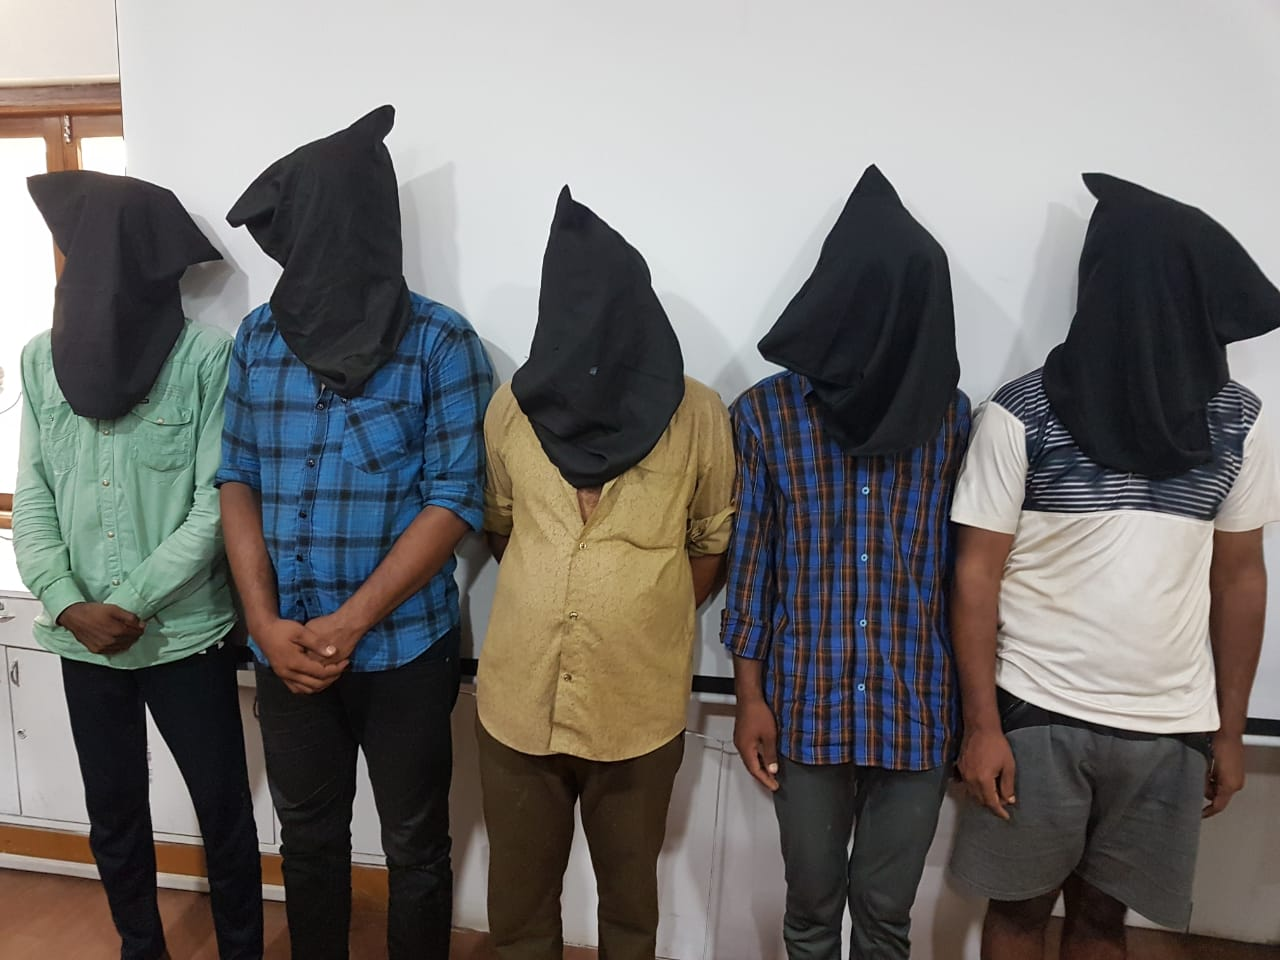 જસદણમાં શરીરસુખનું પ્રલોભન આપી લૂંટ અને હત્યાને અંજામ આપતી ગેંગની બે મહિલા સહિત 7 આરોપીની પોલીસે ધરપકડ કરી રાજકોટ,Rajkot - Divya Bhaskar